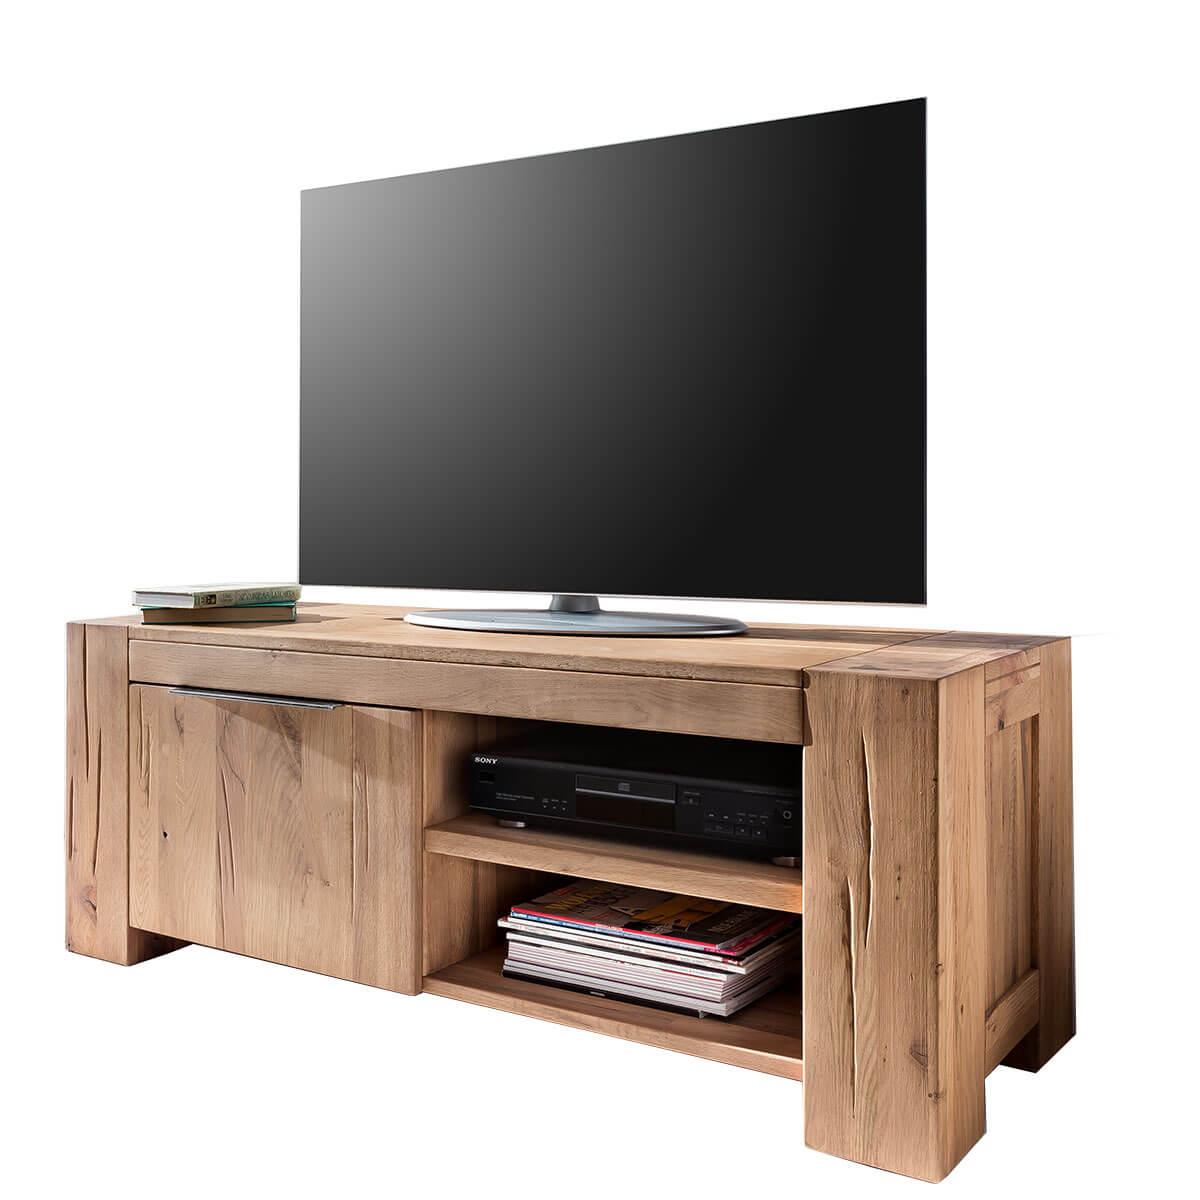 lowboards tv latest usm haller tv lowboard with lowboards tv amazing tvlowboard dahlia eiche. Black Bedroom Furniture Sets. Home Design Ideas